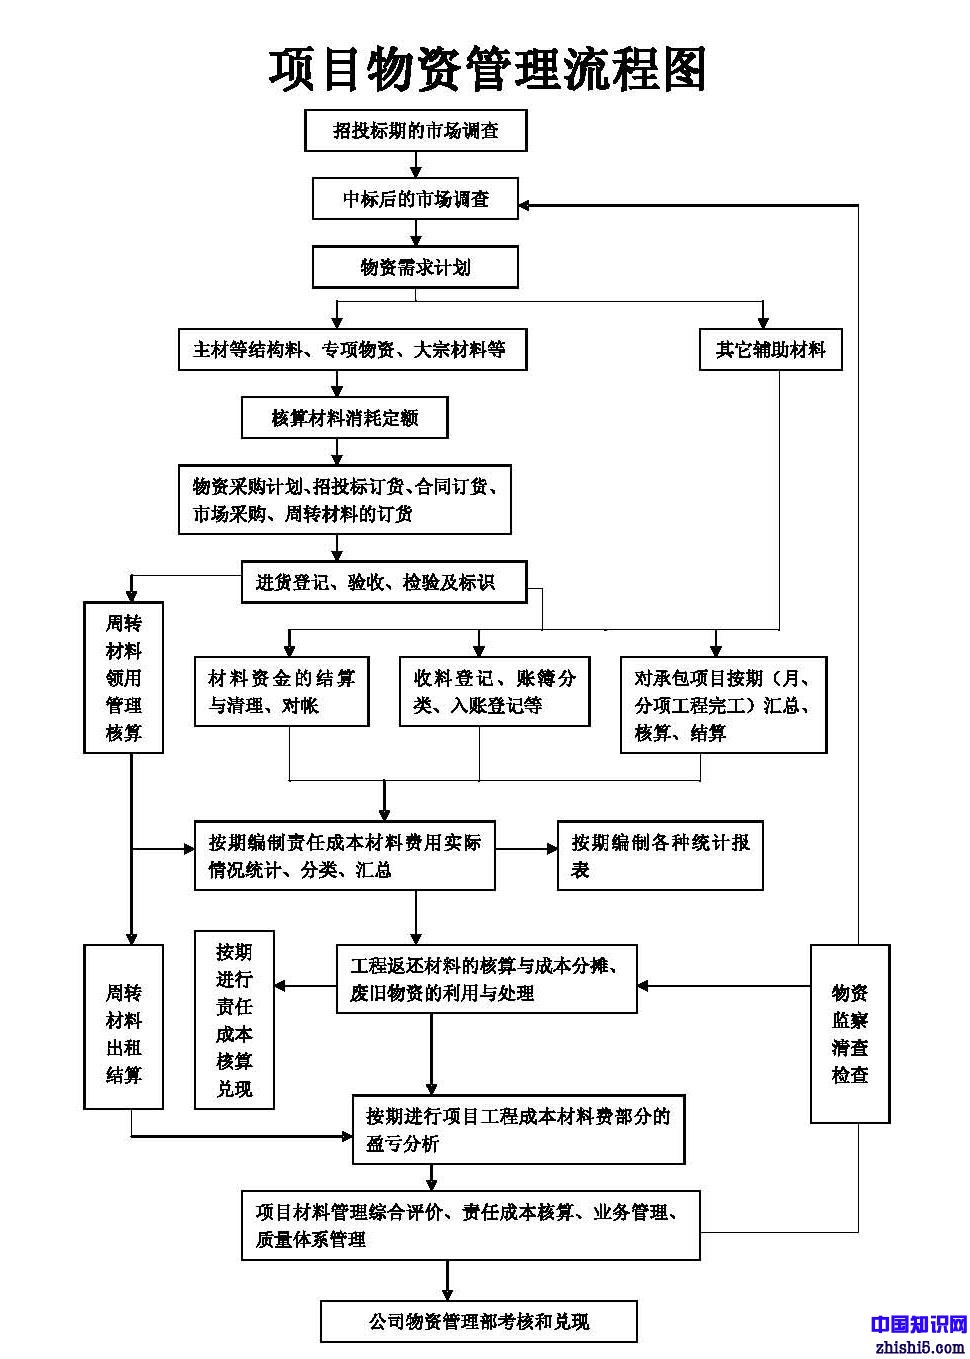 项目物资管理流程图